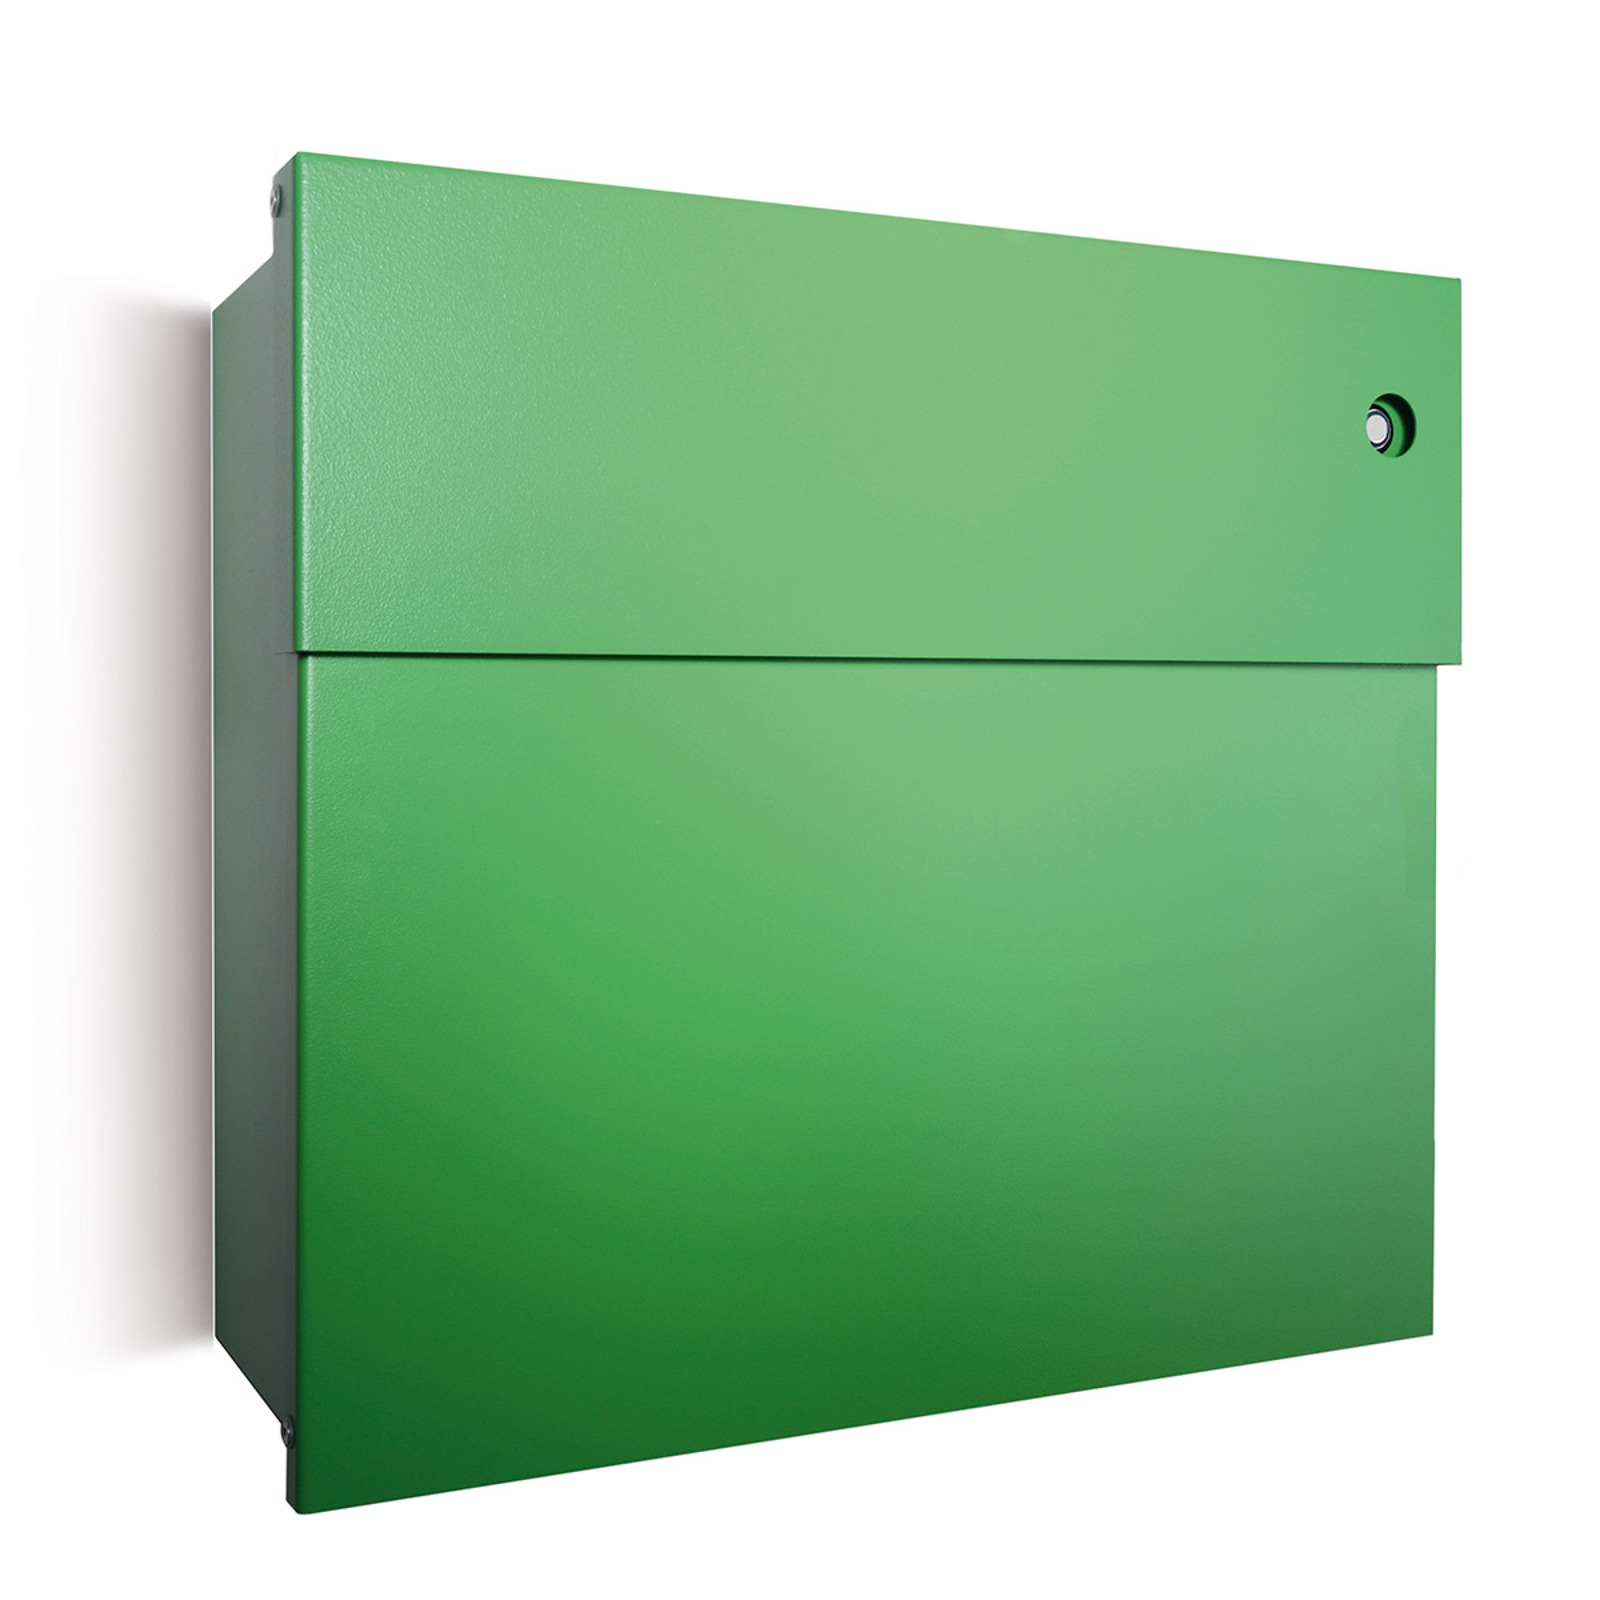 Briefkasten Letterman IV, blaue Klingel, grün